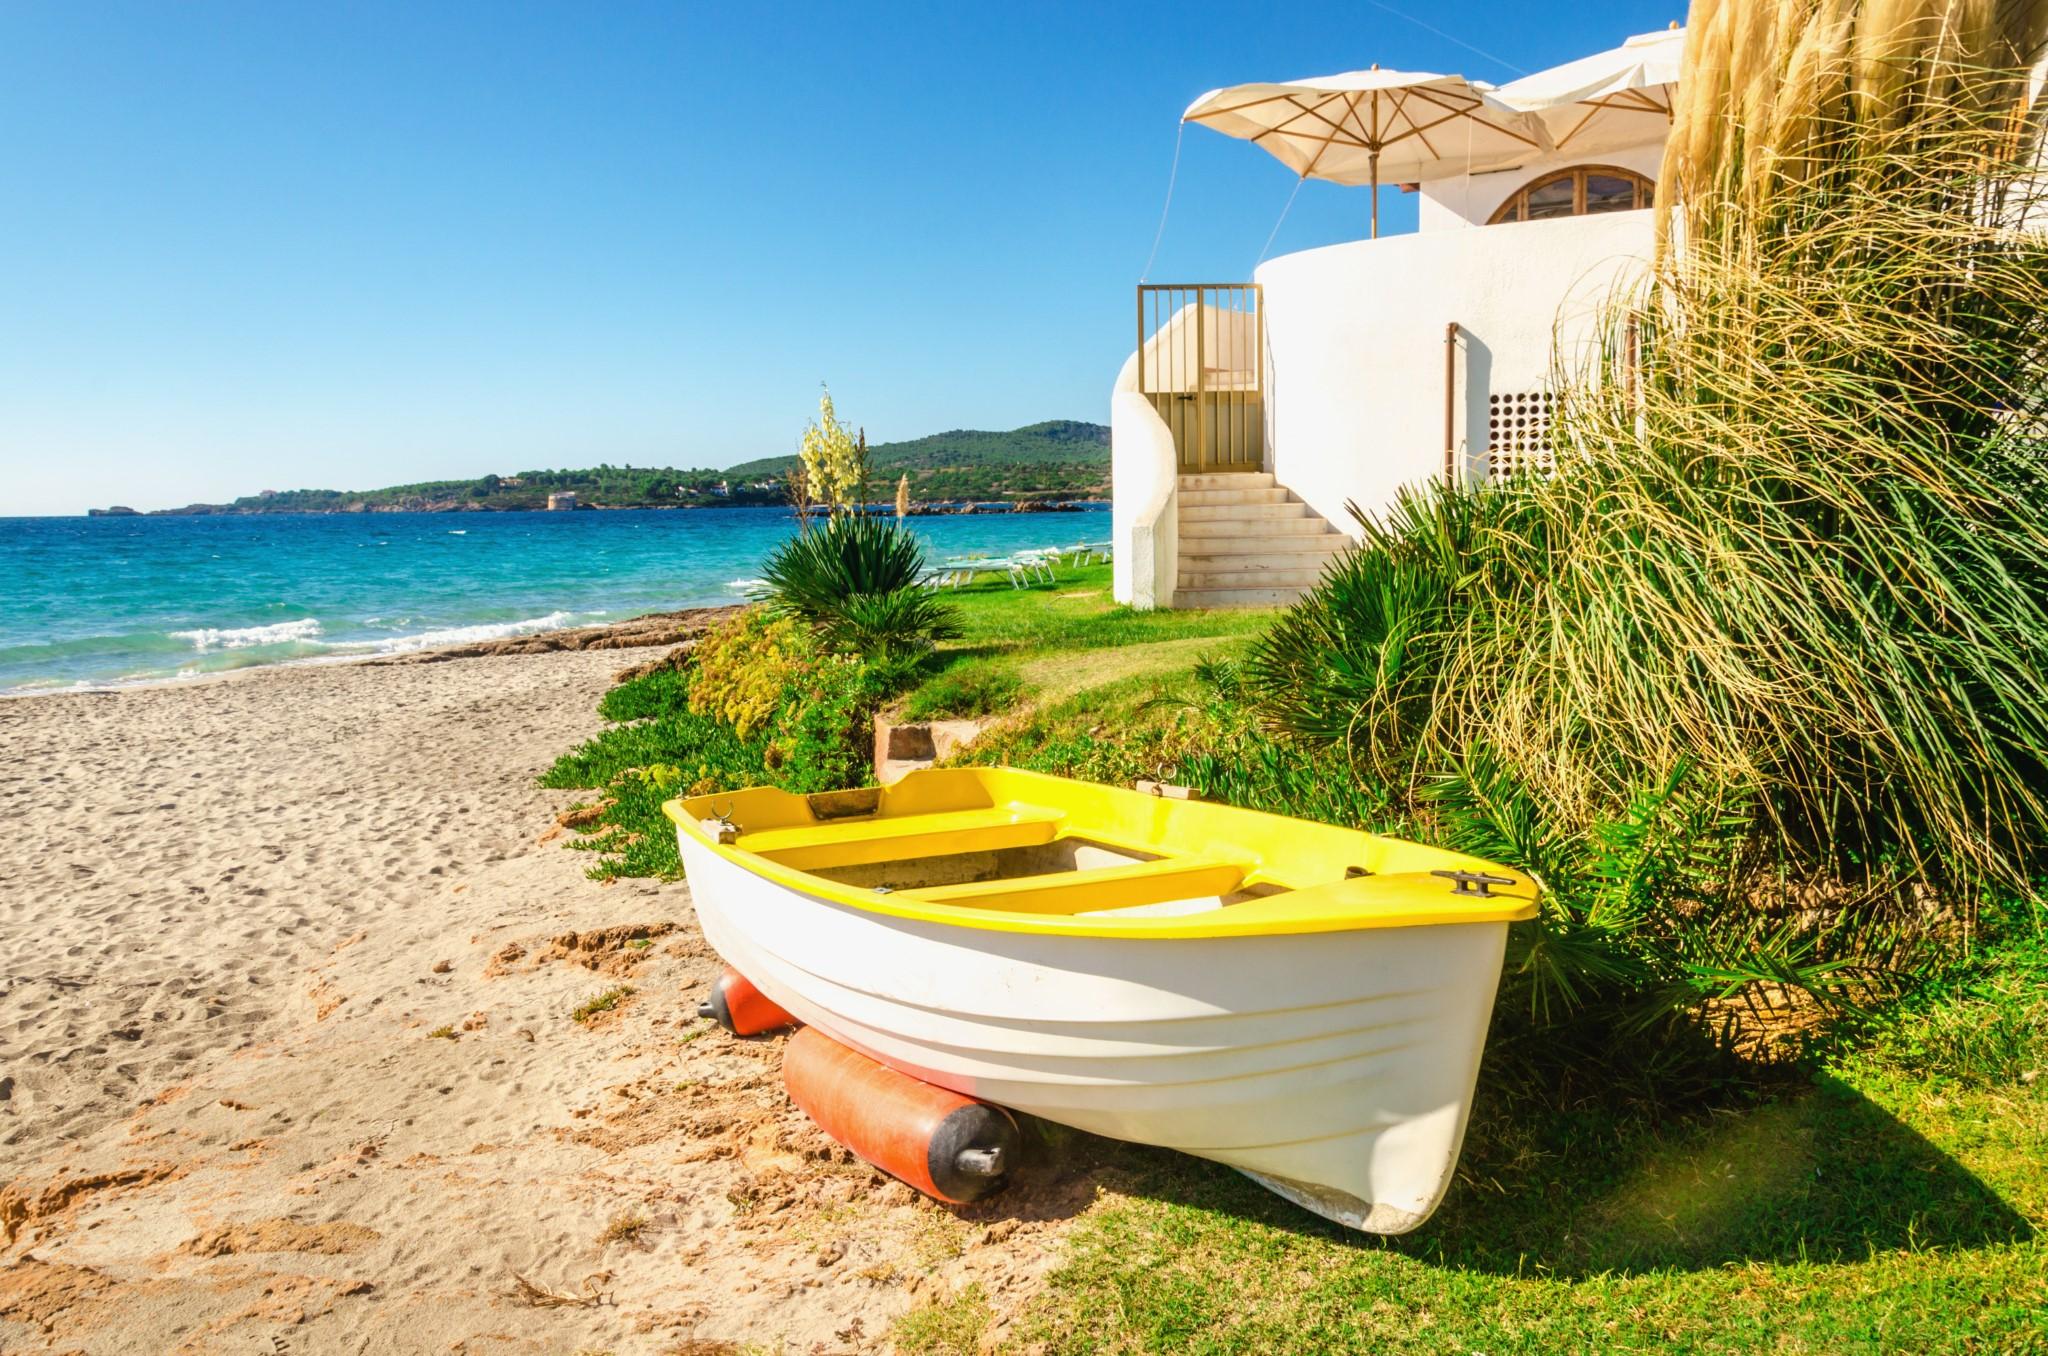 Yellow boat on beautiful Bombarde beach, Alghero bay, Sardinia, Italy